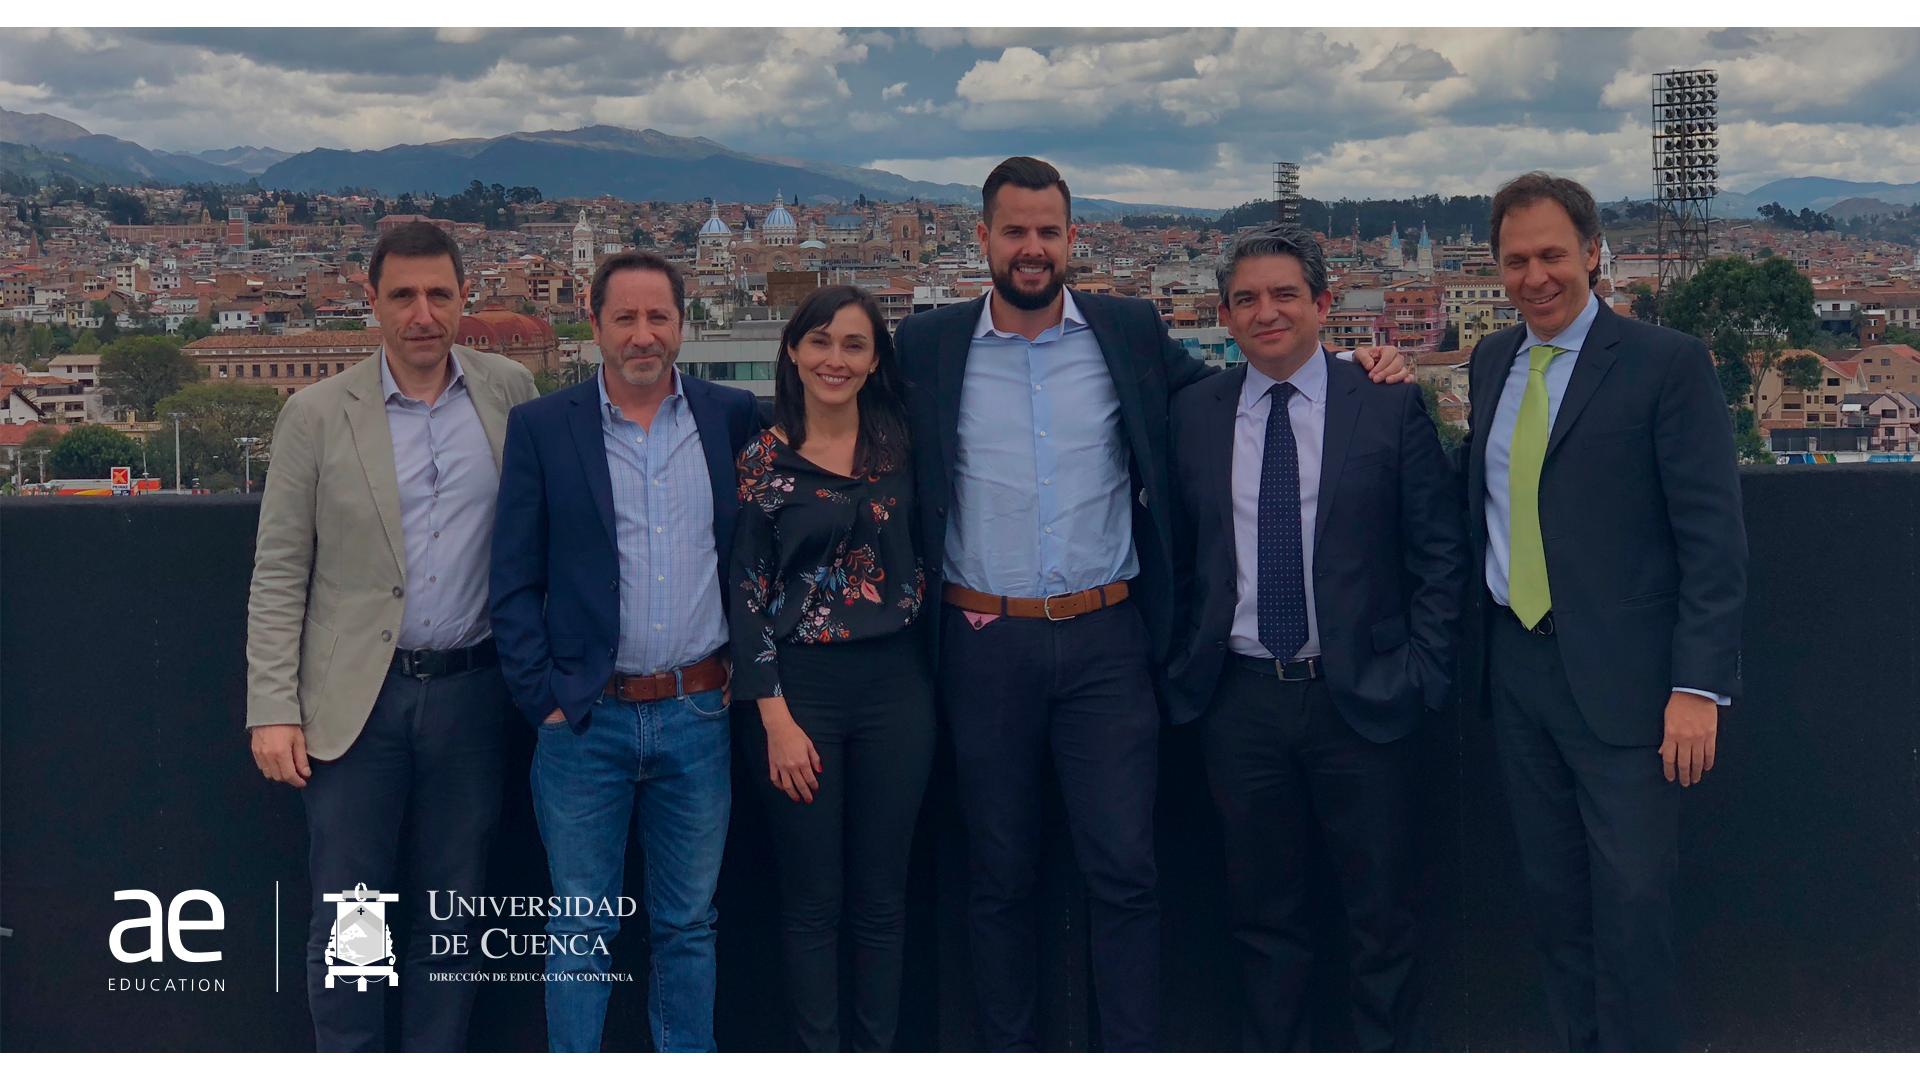 Fotografía que ilustra la noticia de salud de Alebat Education sobre Éxito de los cursos presenciales en la Universidad de Cuenca